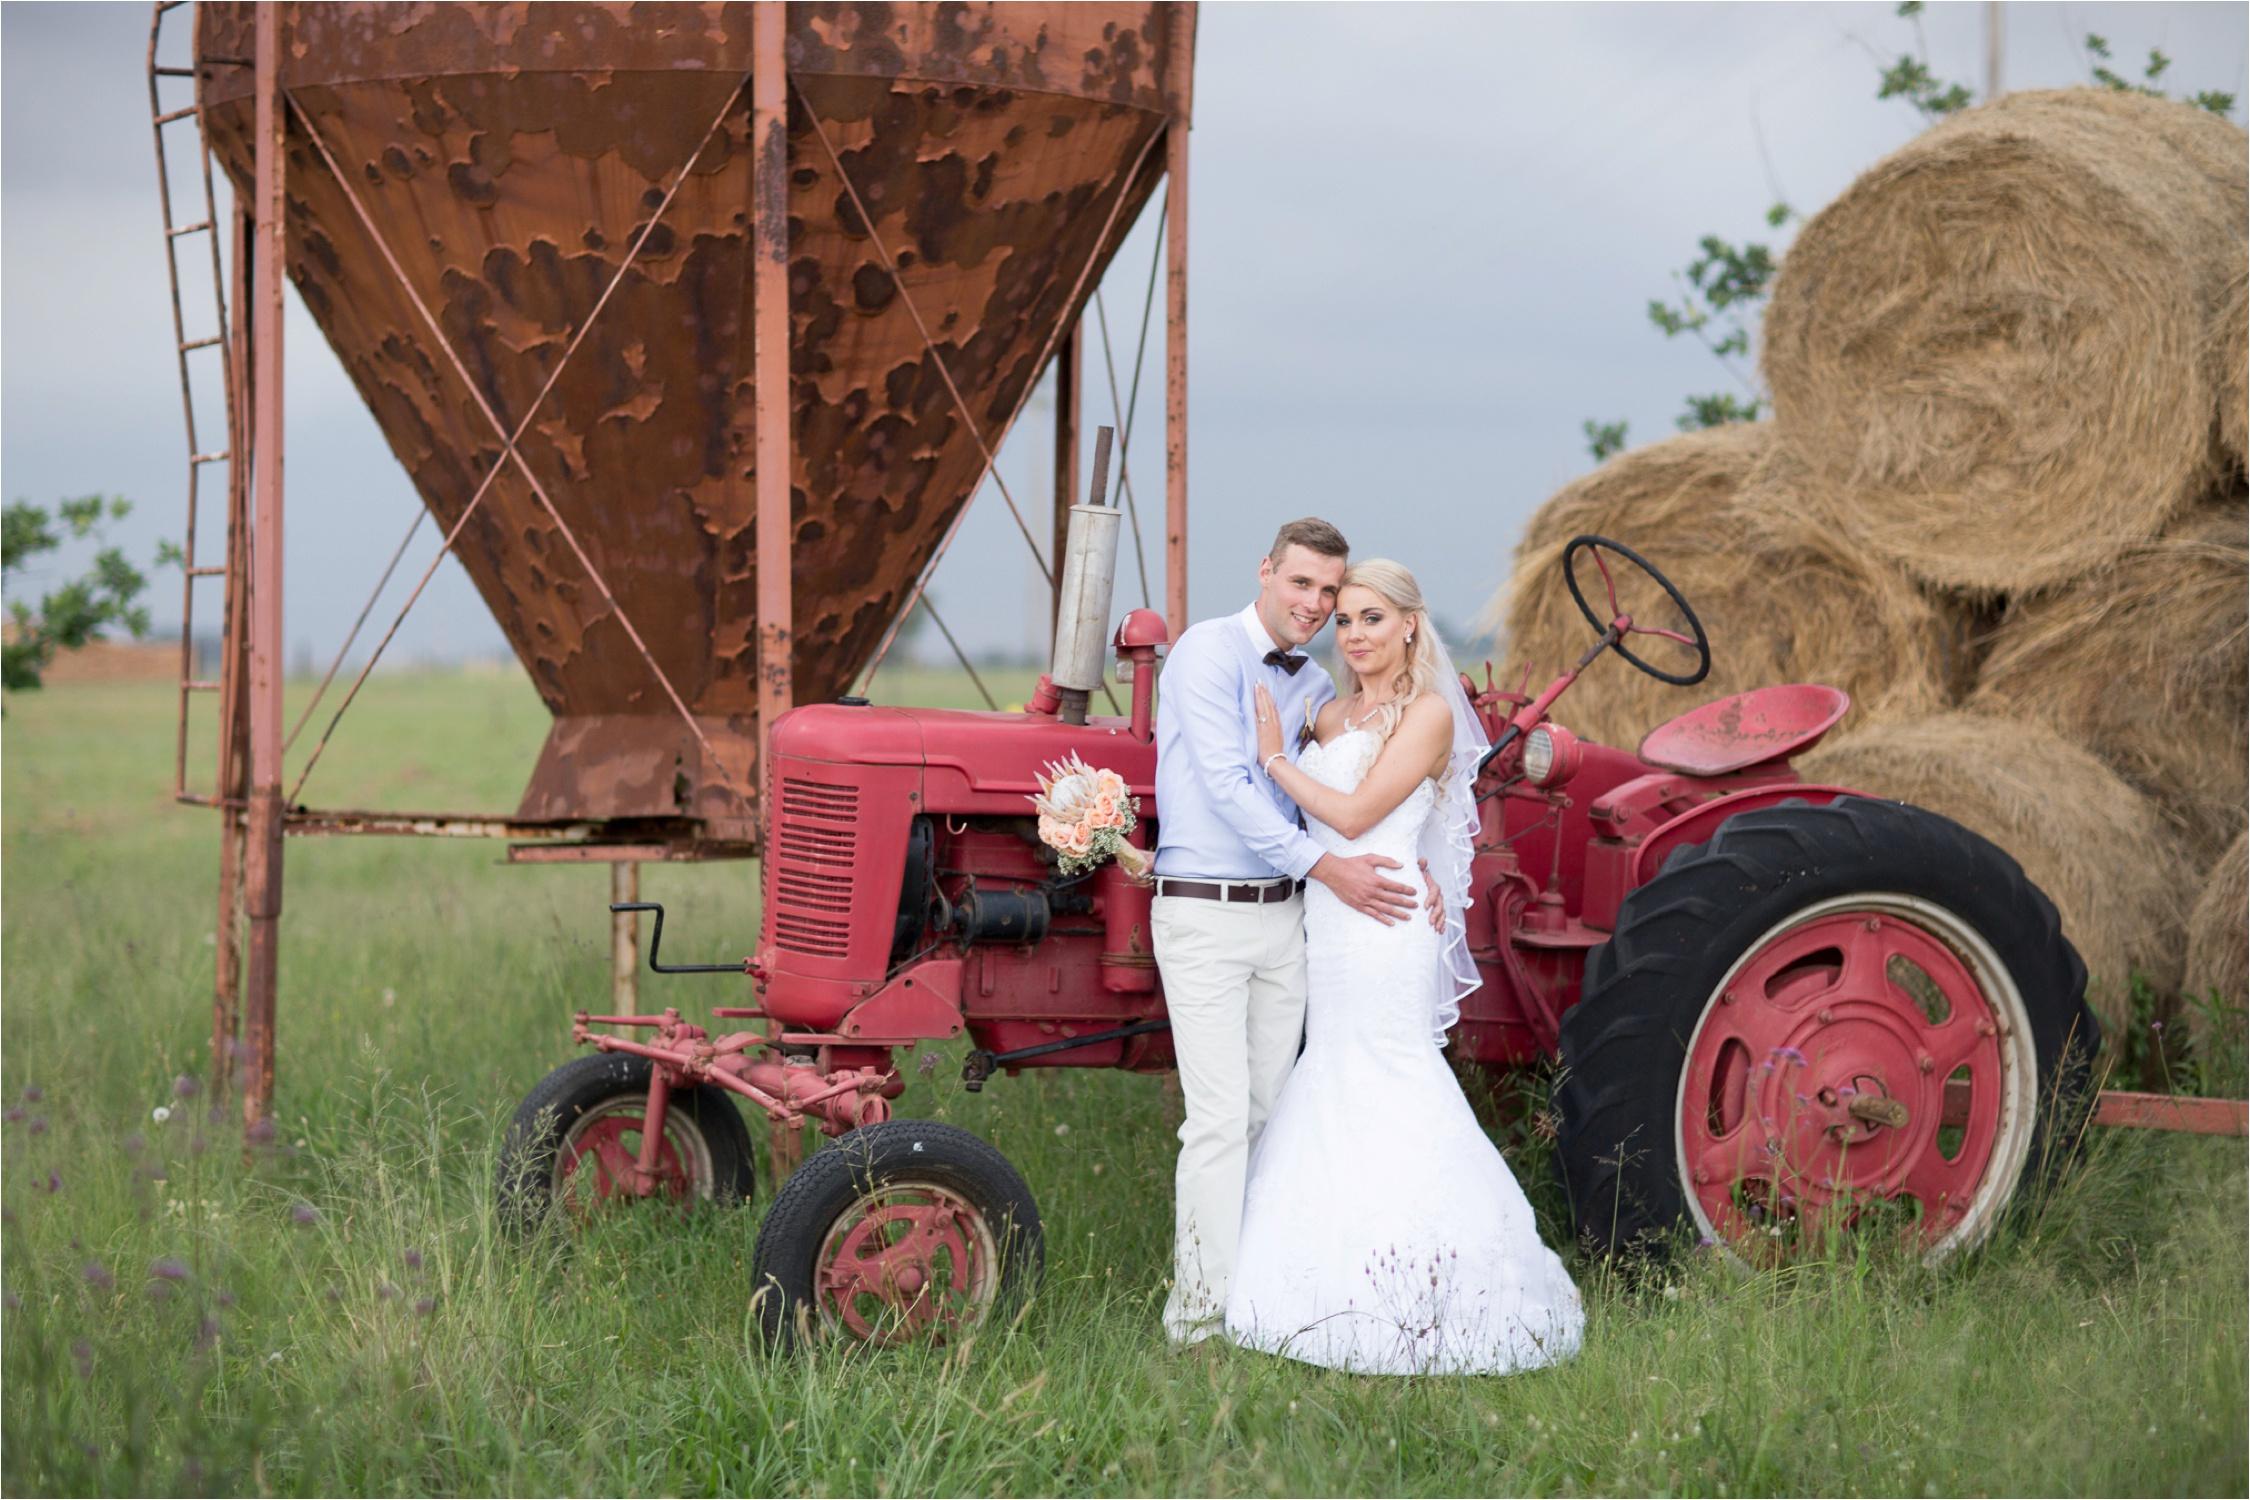 Die_Waenhuiskraal_wedding_Alicia_Dwayne_56